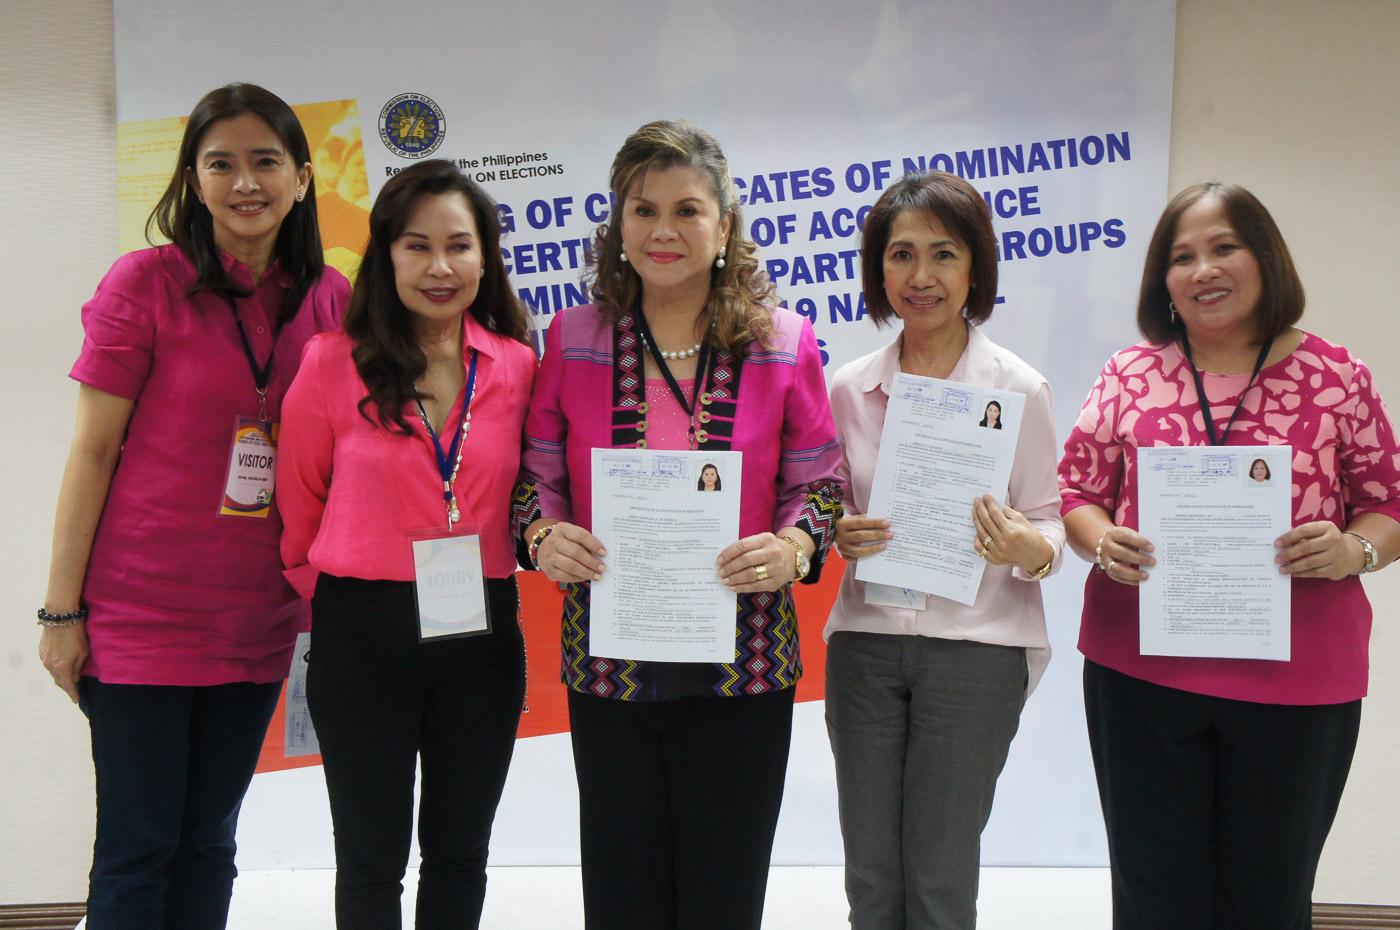 Inang Bayan Party list nominees led by Gina de Venecia. Photo by Ben Nabong/Rappler